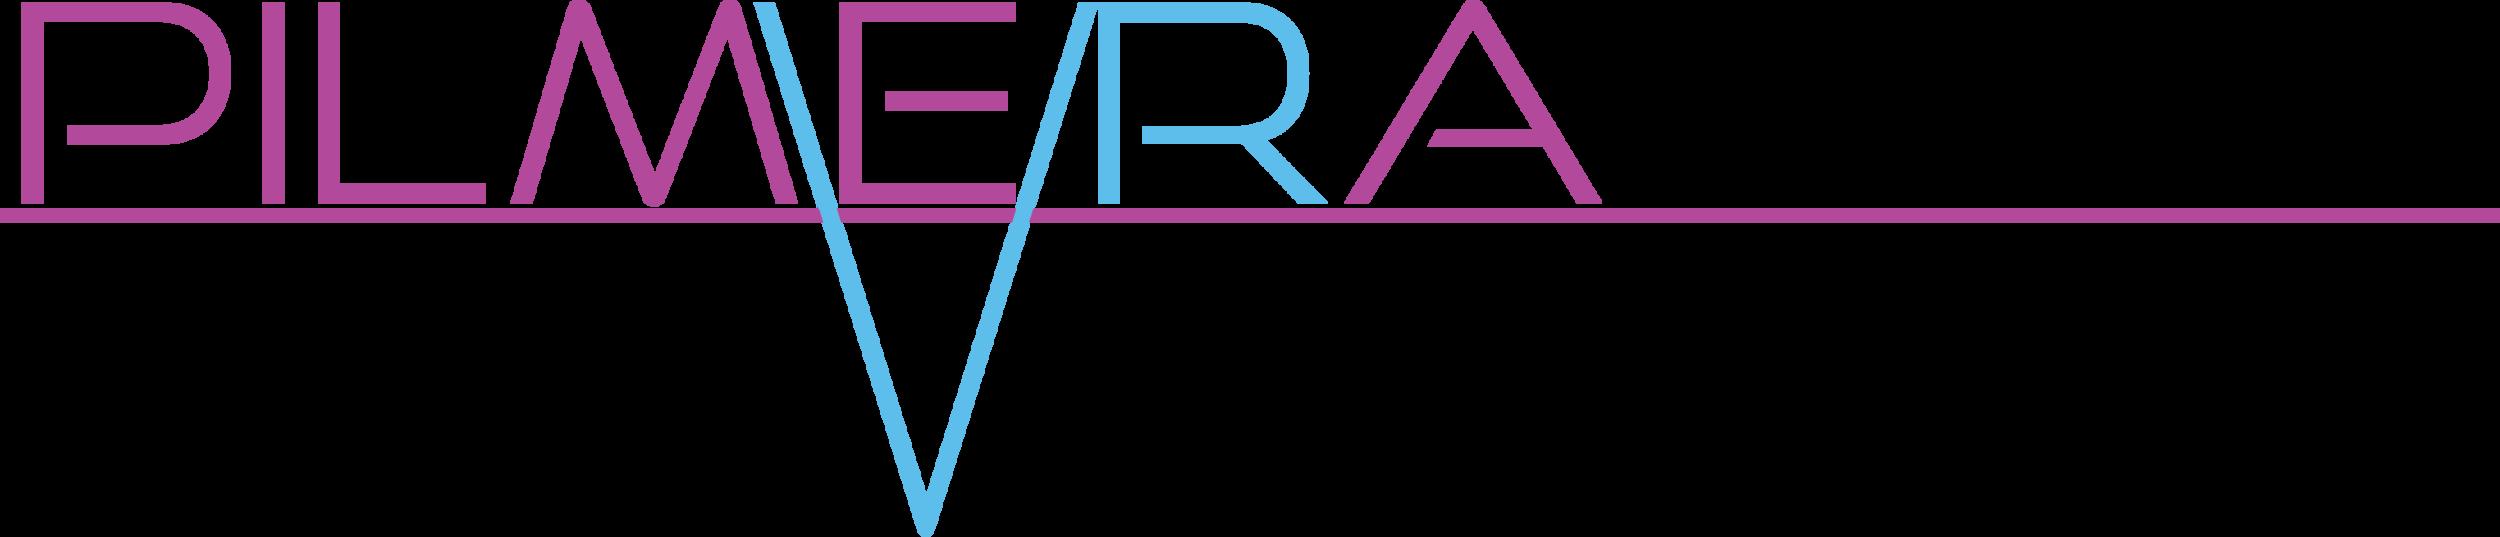 Pilmera Logo (1).png